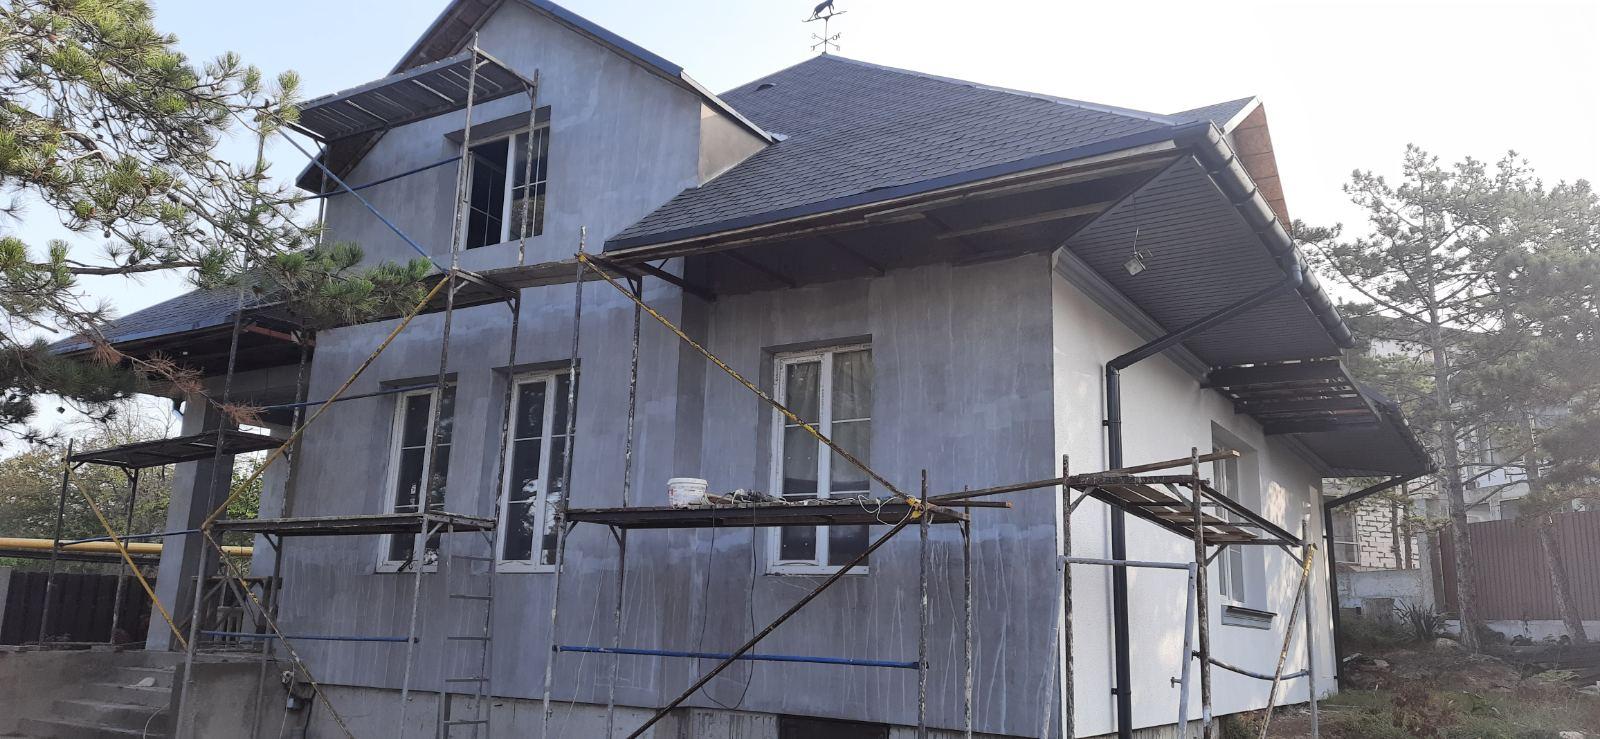 №68 Утепление фасадов в Севастополе быстро и качественно